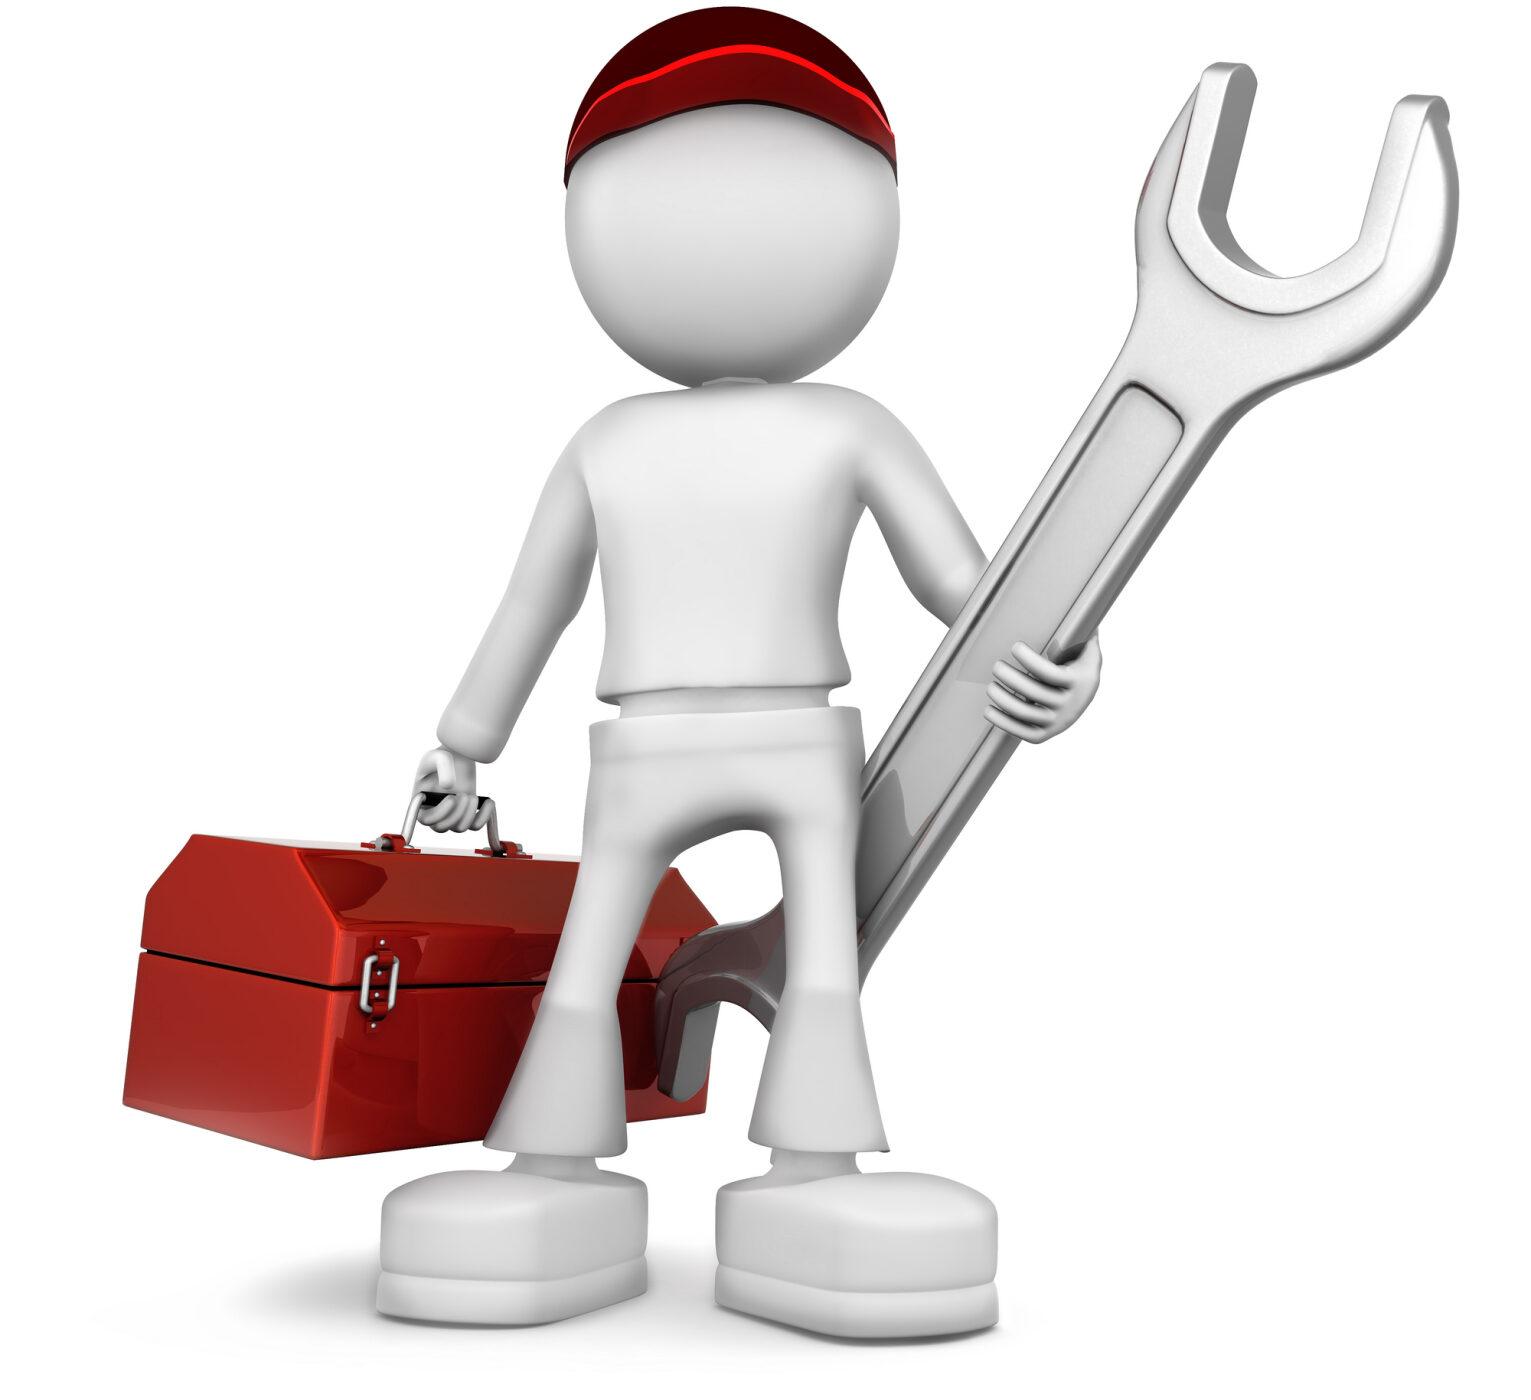 Der Kundendienst der Firma HWT, Instandhaltung, Wartung, E-Technik, Heizungsfirma, HWT Hansen